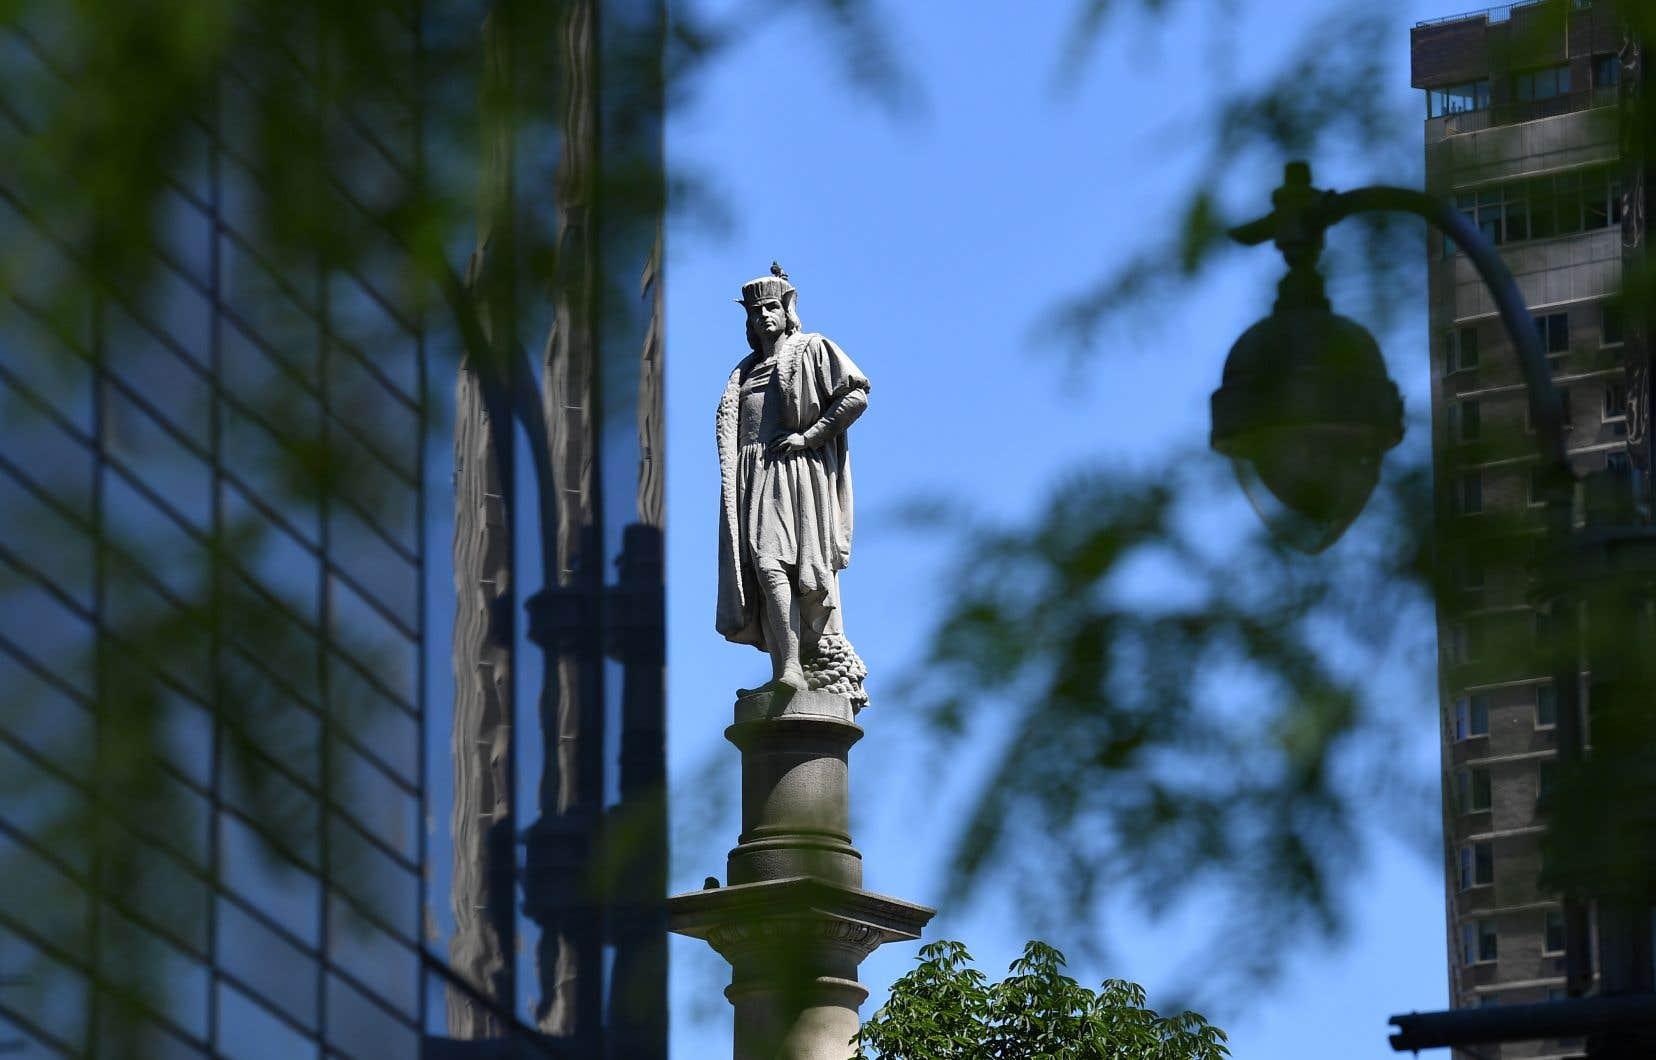 La statue de Christophe Colomb trône au sommet d'une colonne de 23 mètres sur la place Columbus Circle.